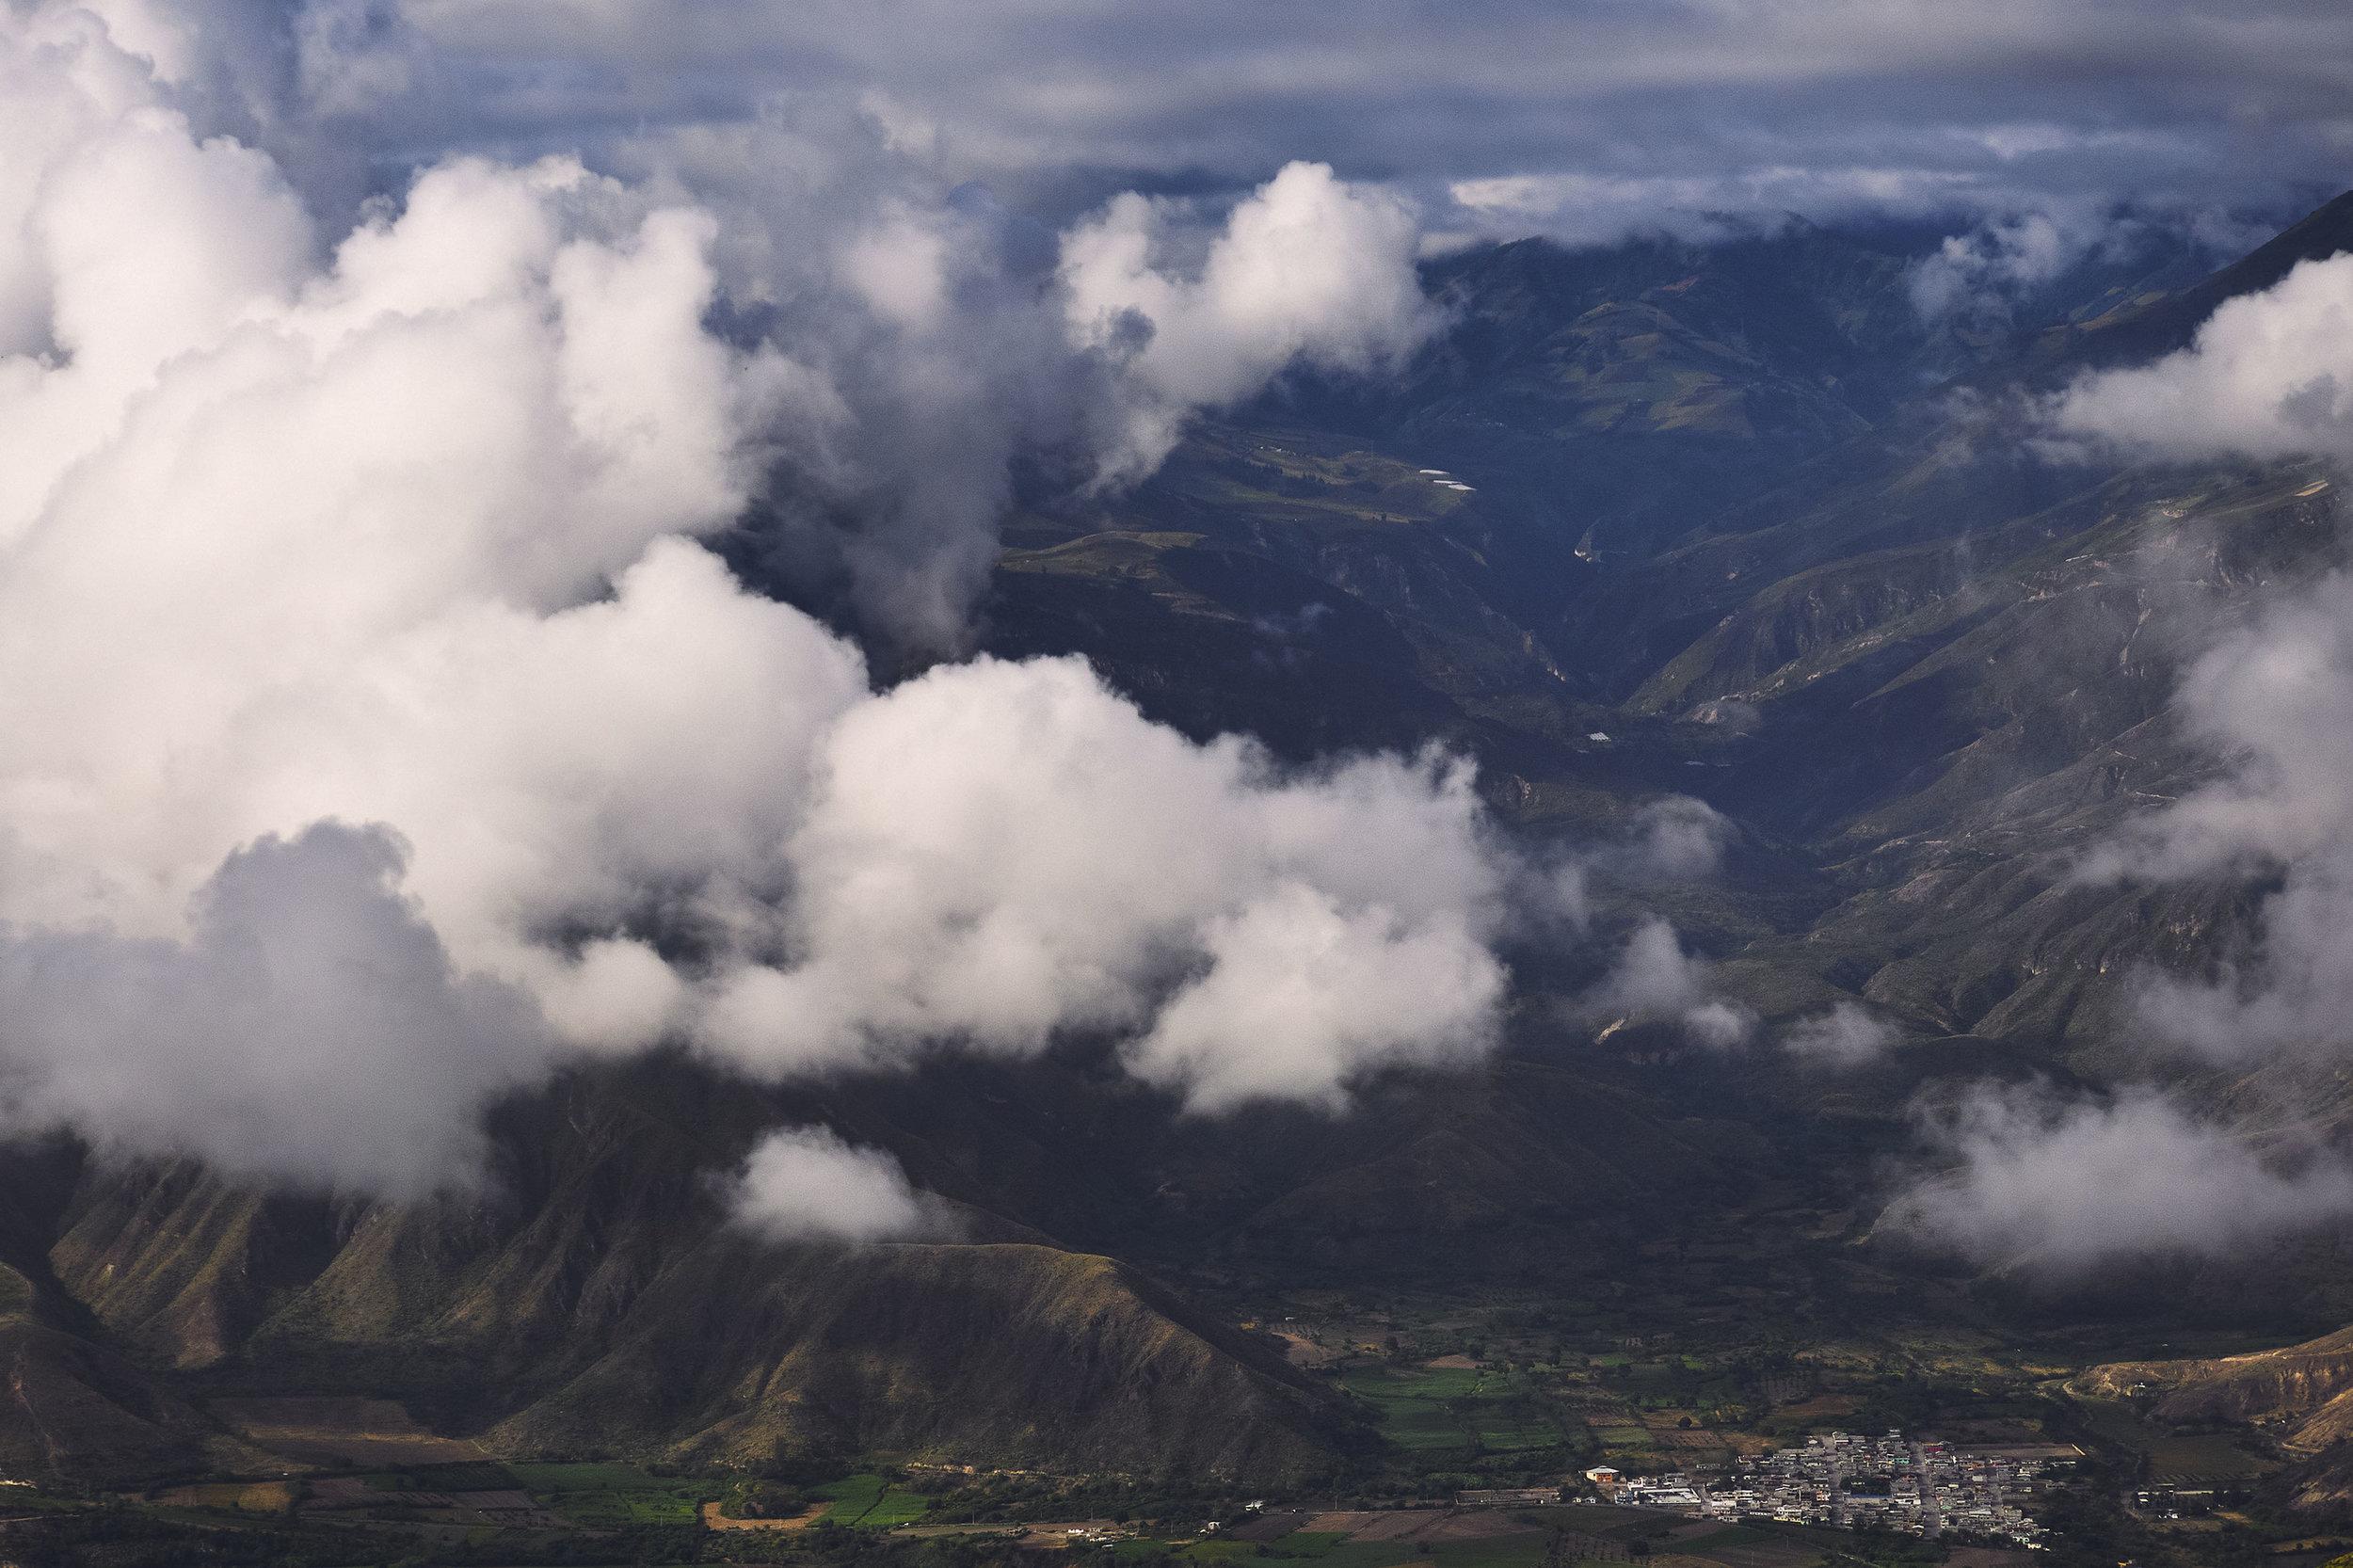 Ecuador landscape shot of a mountain village